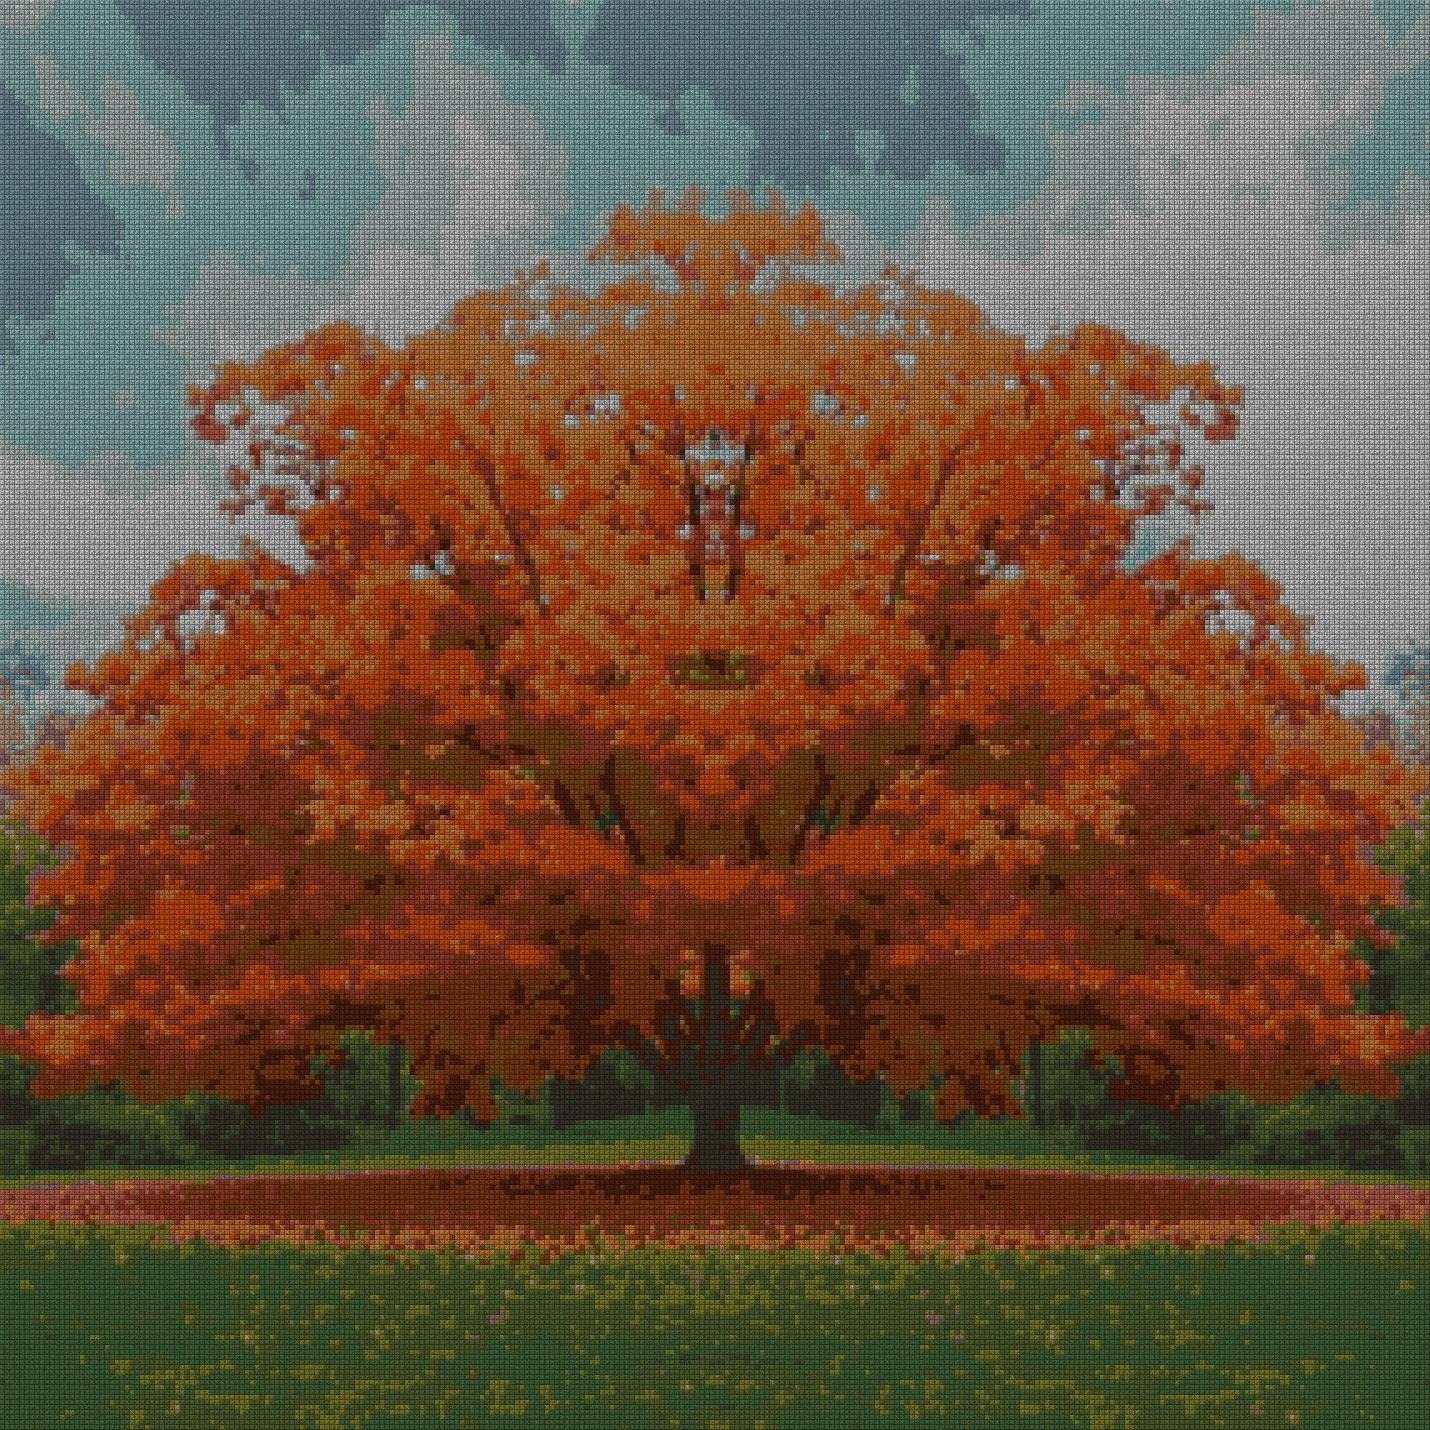 schemi_misti/misti2/albero_autunno_286x286.jpg